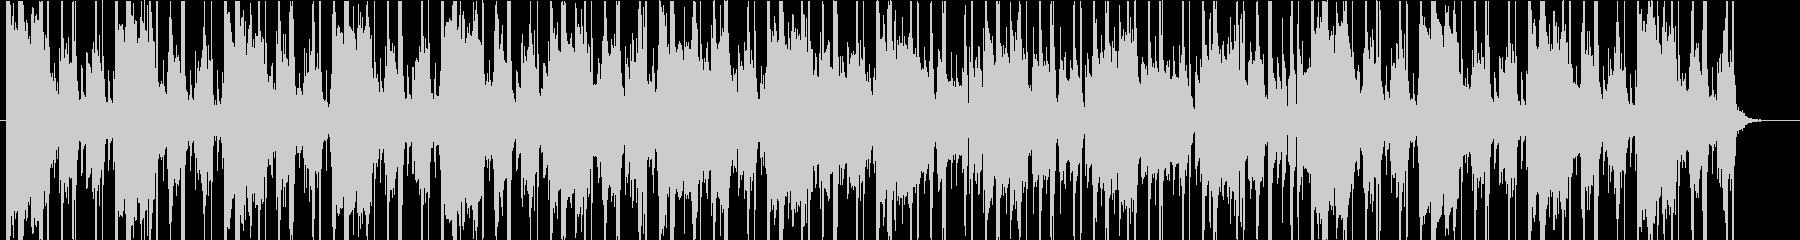 クールなヒップホップ曲 ピアノ ジャズ風の未再生の波形